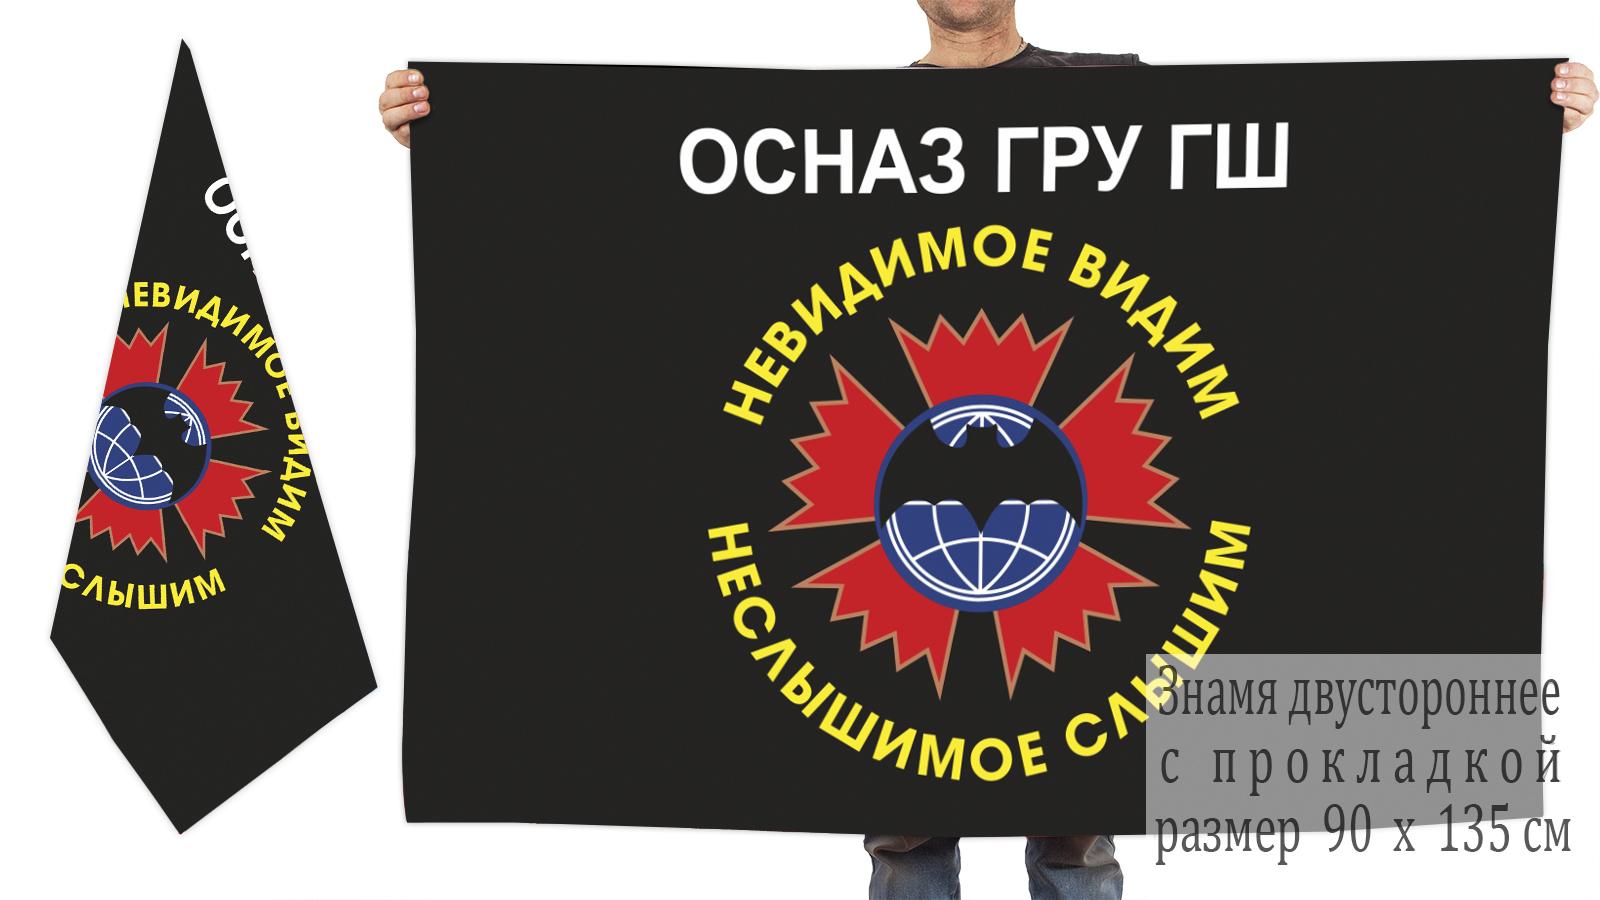 Двусторонний флаг ОсНаз Генерального штаба главного разведывательного управления